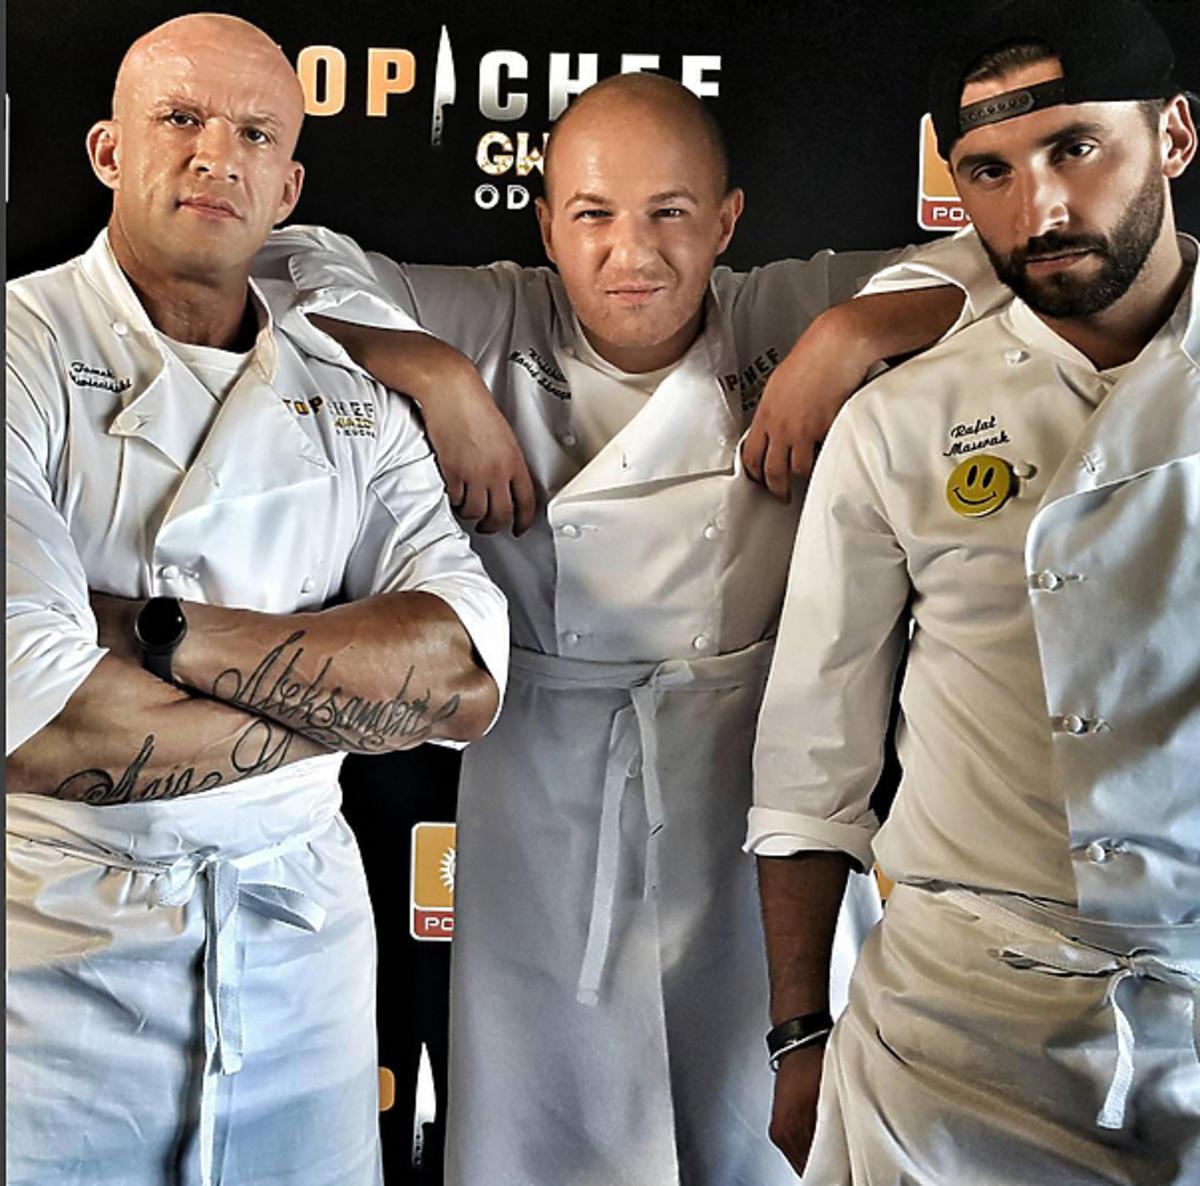 Top Chef Gwiazdy, Tomasz Oświeciński, Wróżbita Maciej, Rafał Maserak